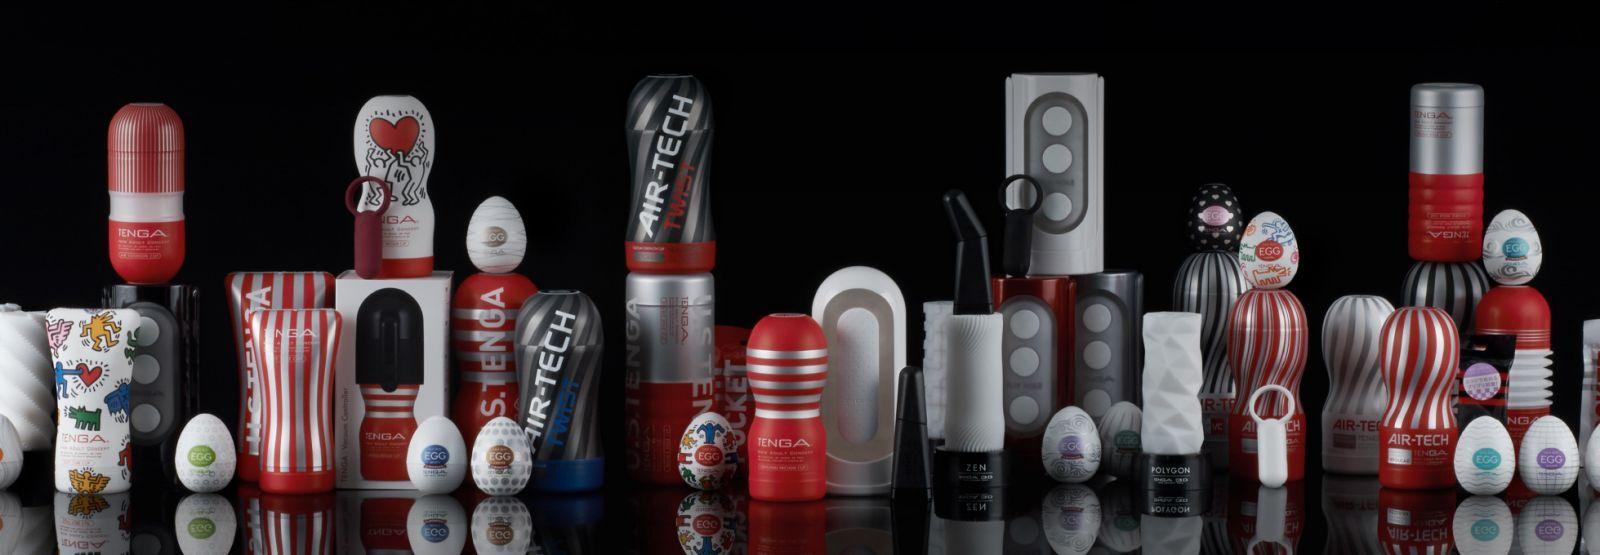 Kolekcia všetkých produktov Tenga